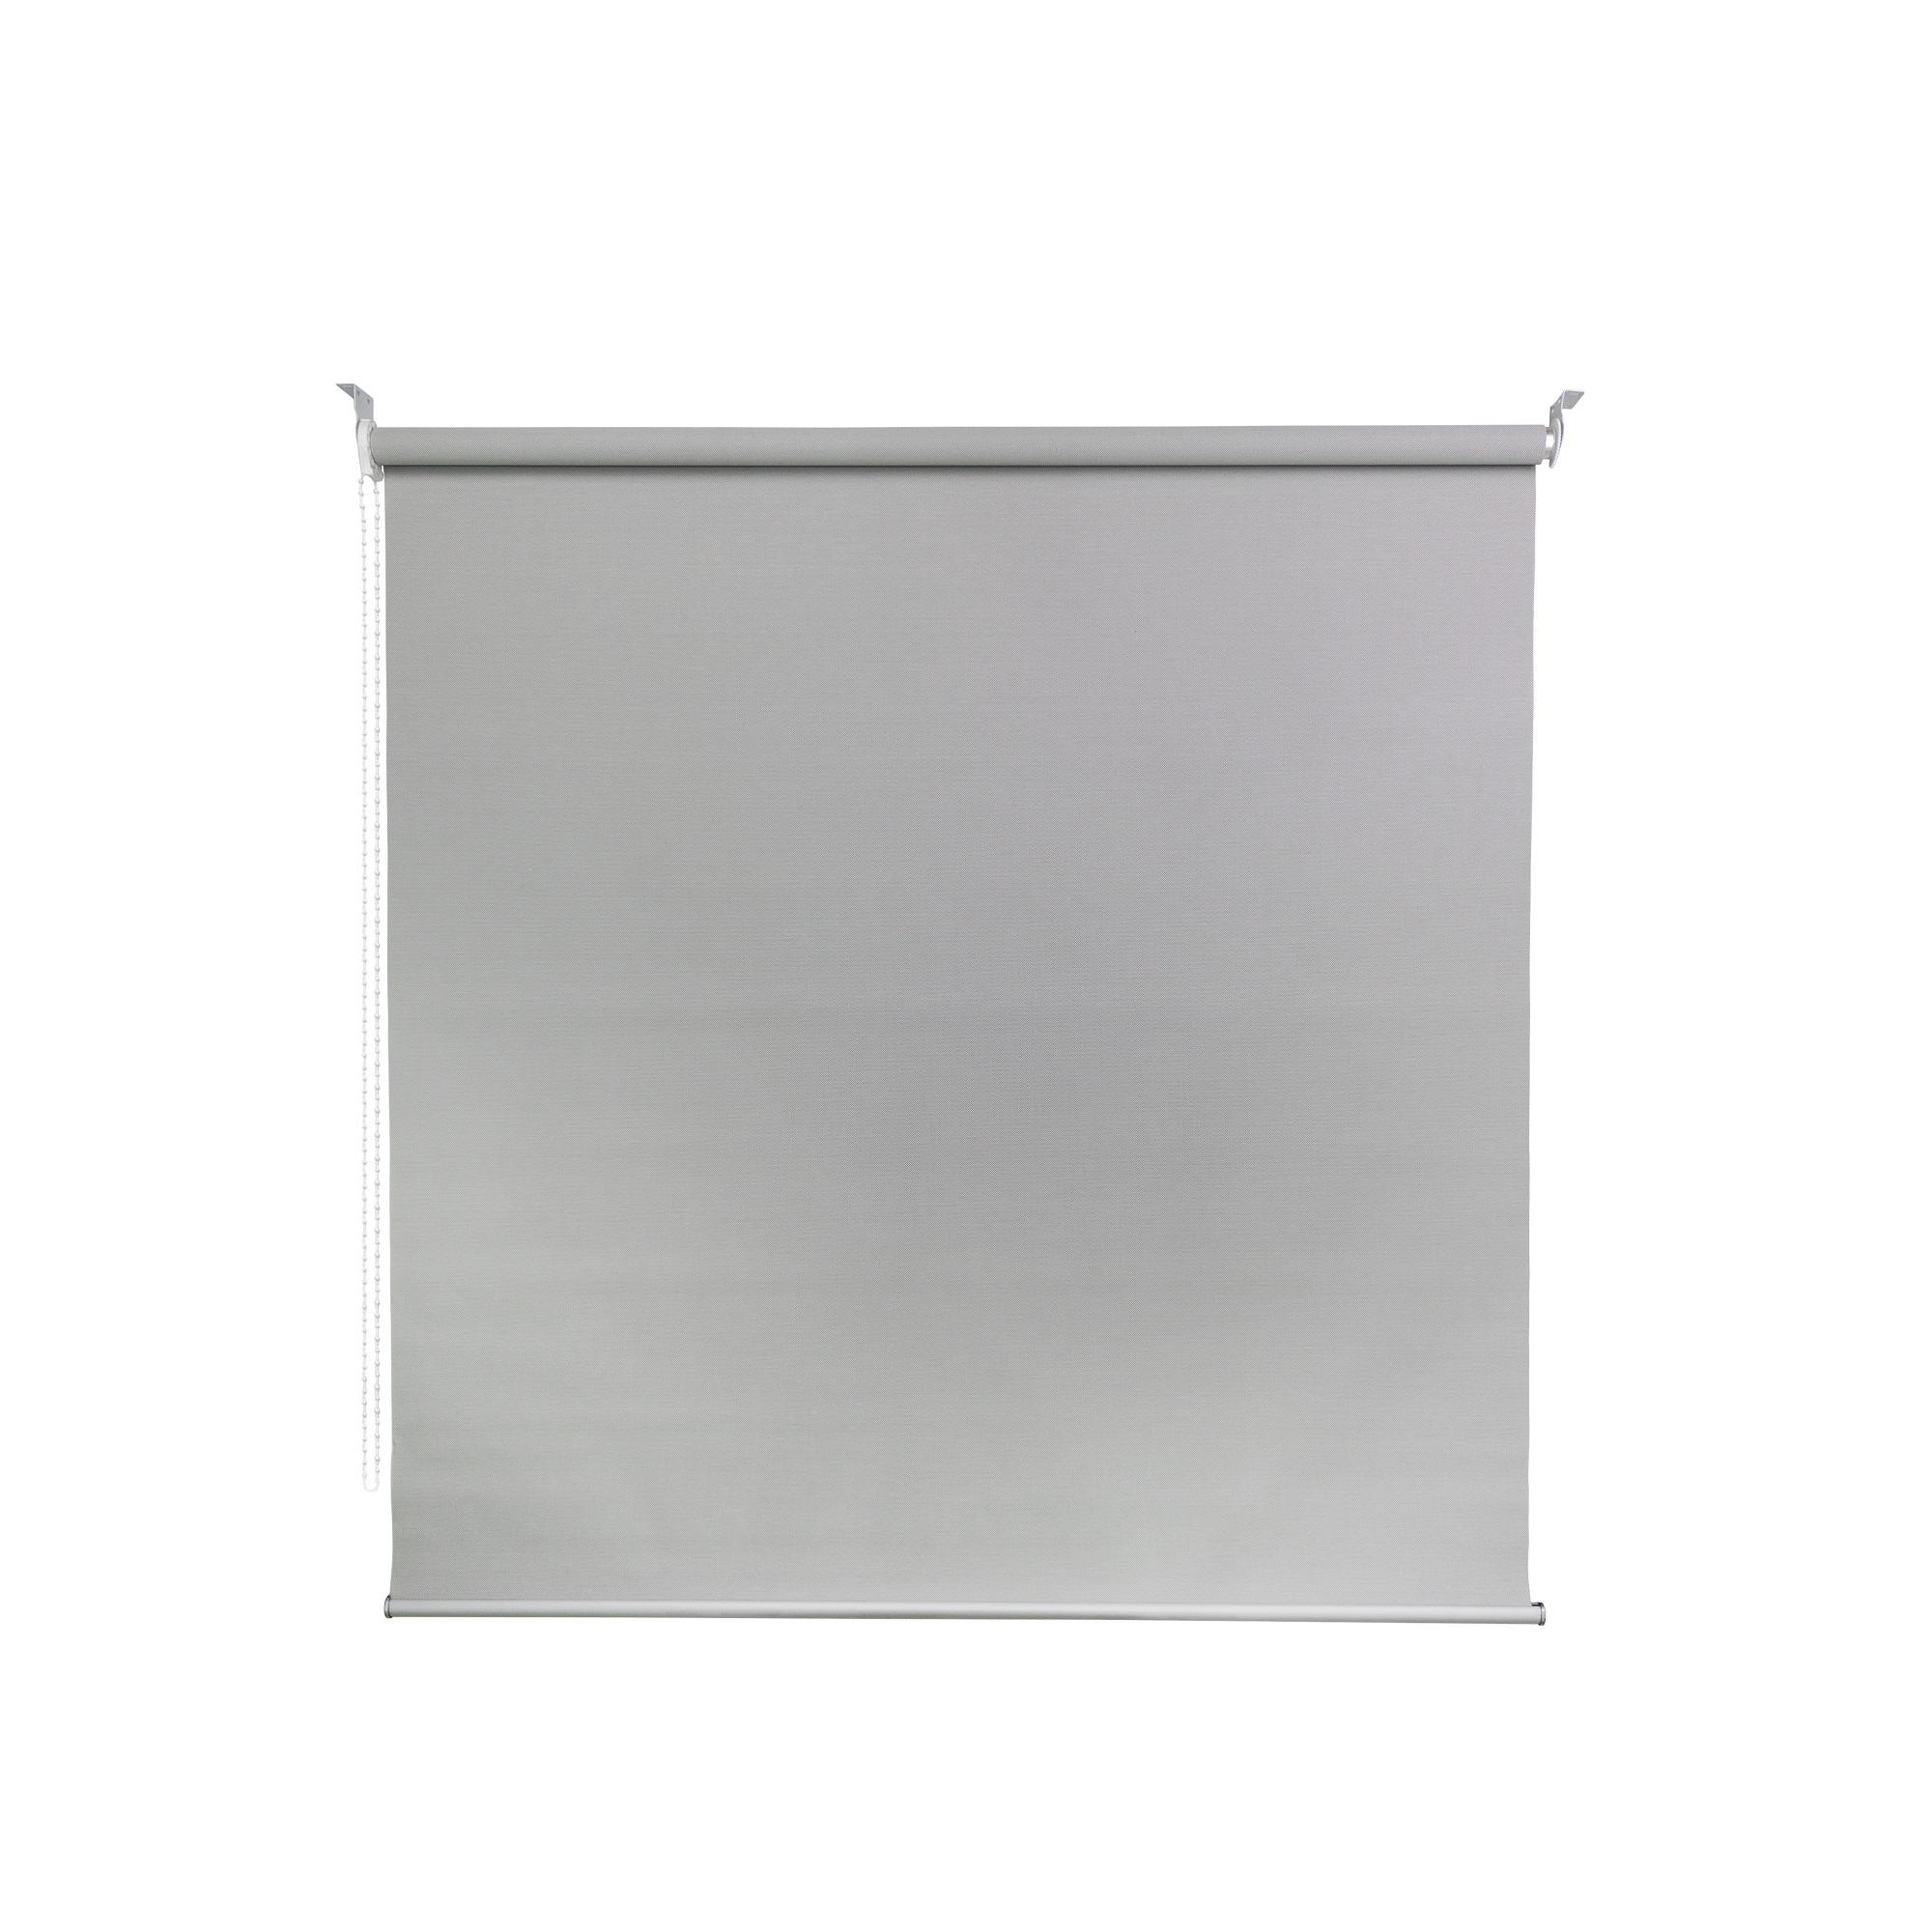 Persiana Rolo Poliester e PVC 140x170 cm Cinza 50A10 - Jolie